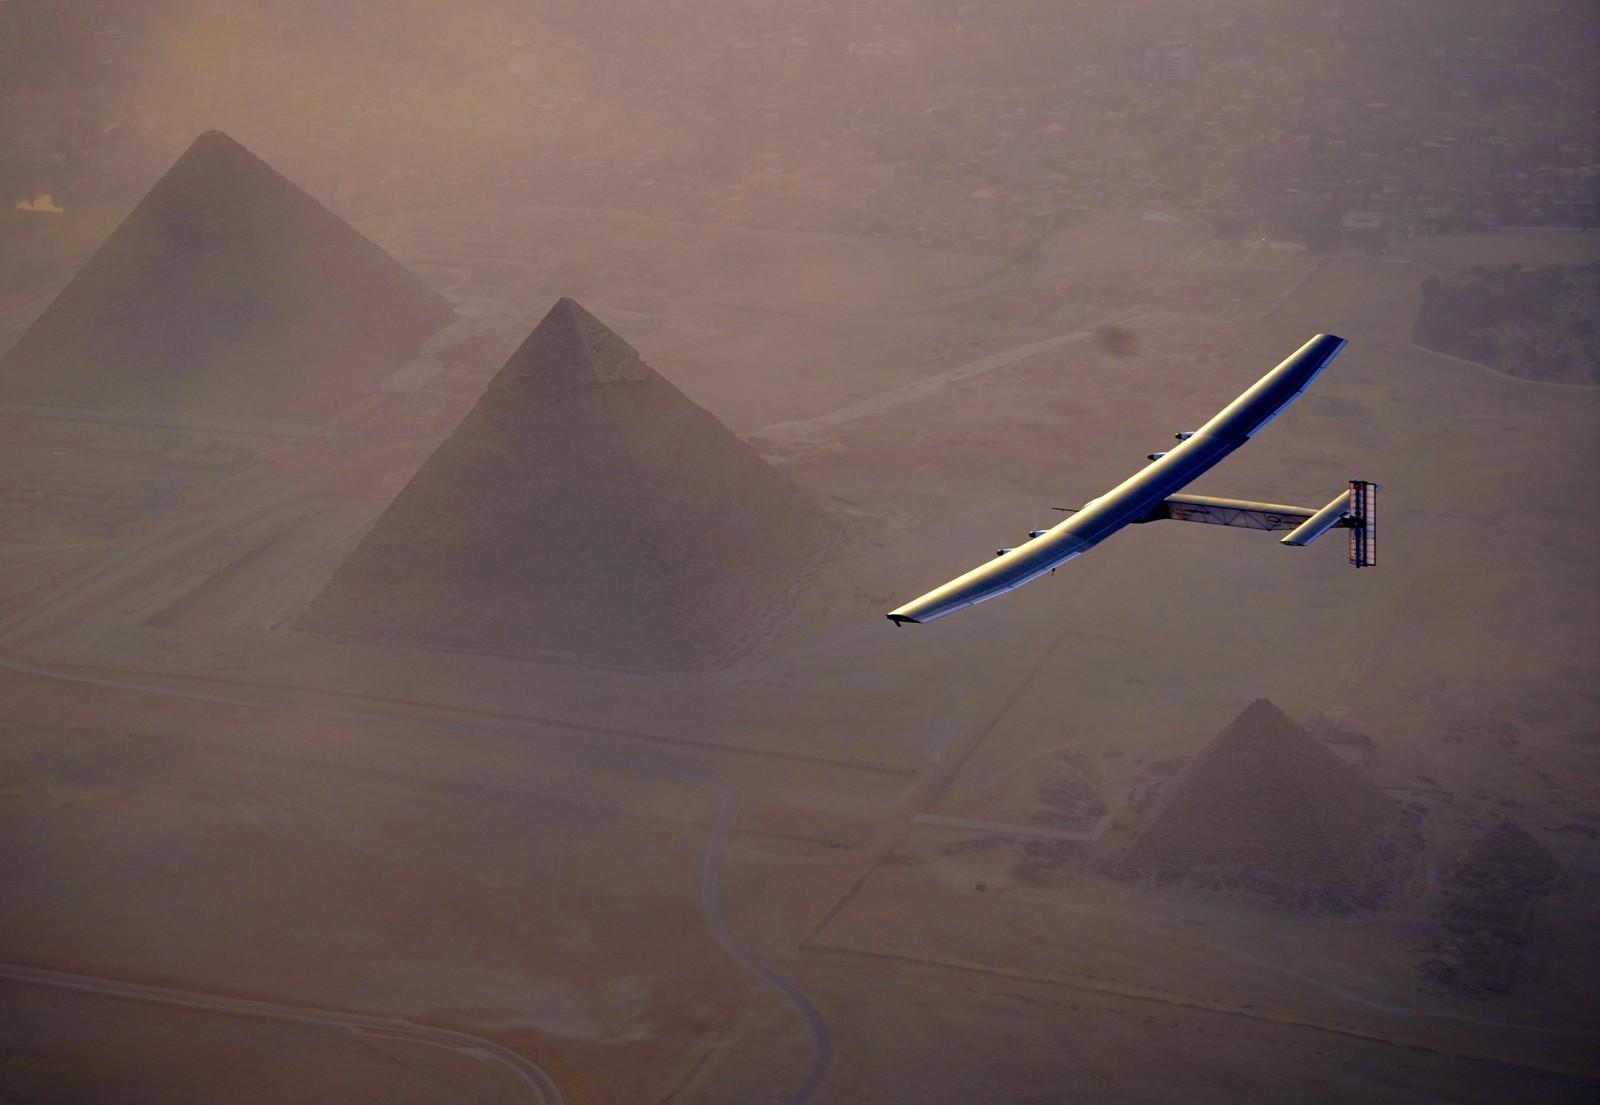 Her ser vi Solar Impulse 2 fly over pyramidene i Kairo i Egypt den 13. juli. Flyet er drevet av solenergi og er på tur jorden rundt. Det er planlagt at turen skal ta to år. Flyet har en topphastighet på 80 km/t, men da det krysset Stillehavet tidligere i år var gjennomsnittshastigheten 45 km/t. Flyet er bygget av karbonfiber og veier kun 2300 kilo. Vingene er 71,9 meter lange.